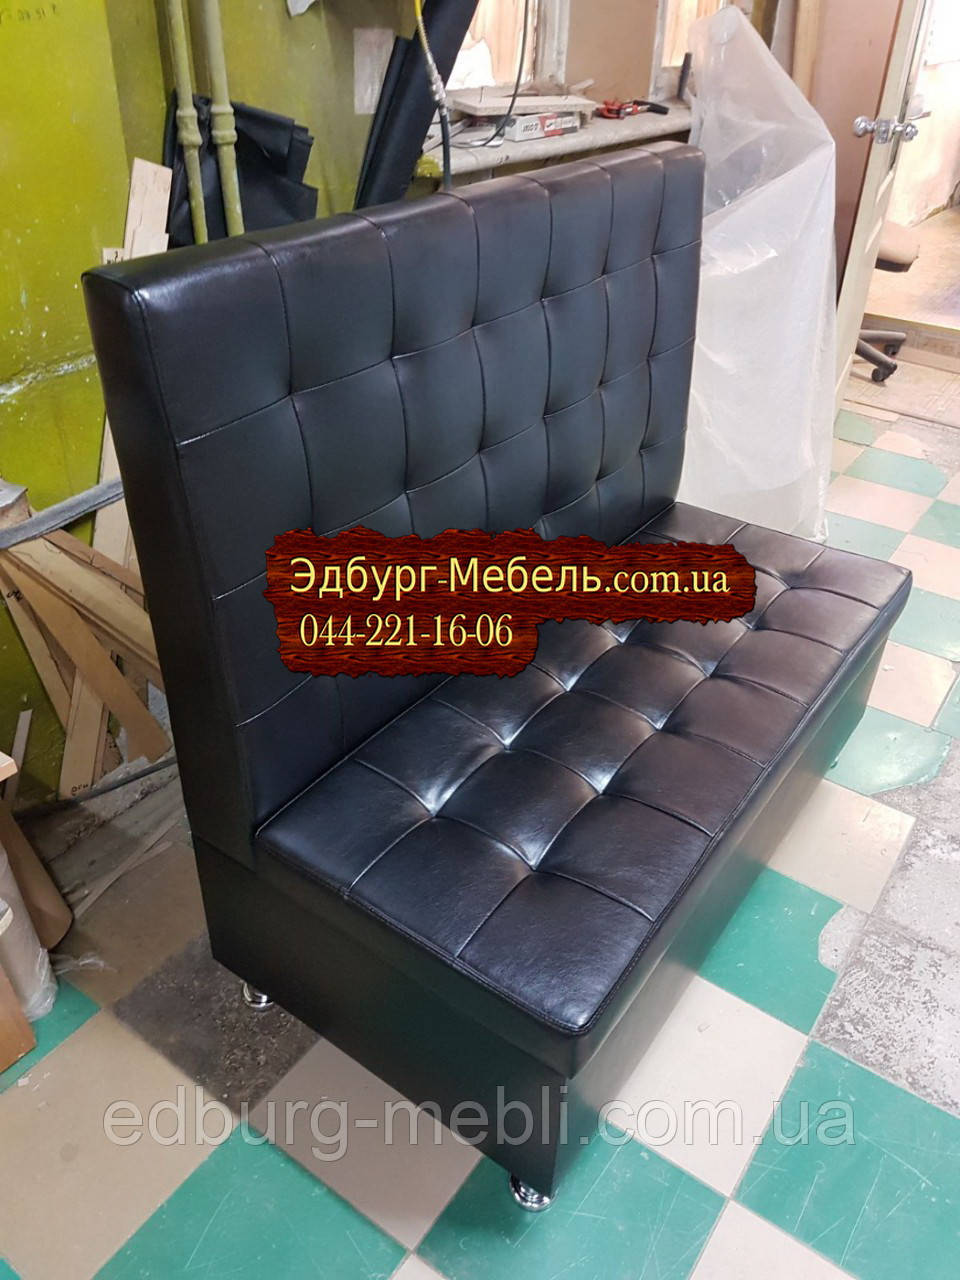 Доступный диван для кафе Квадро 1200х600х1050мм